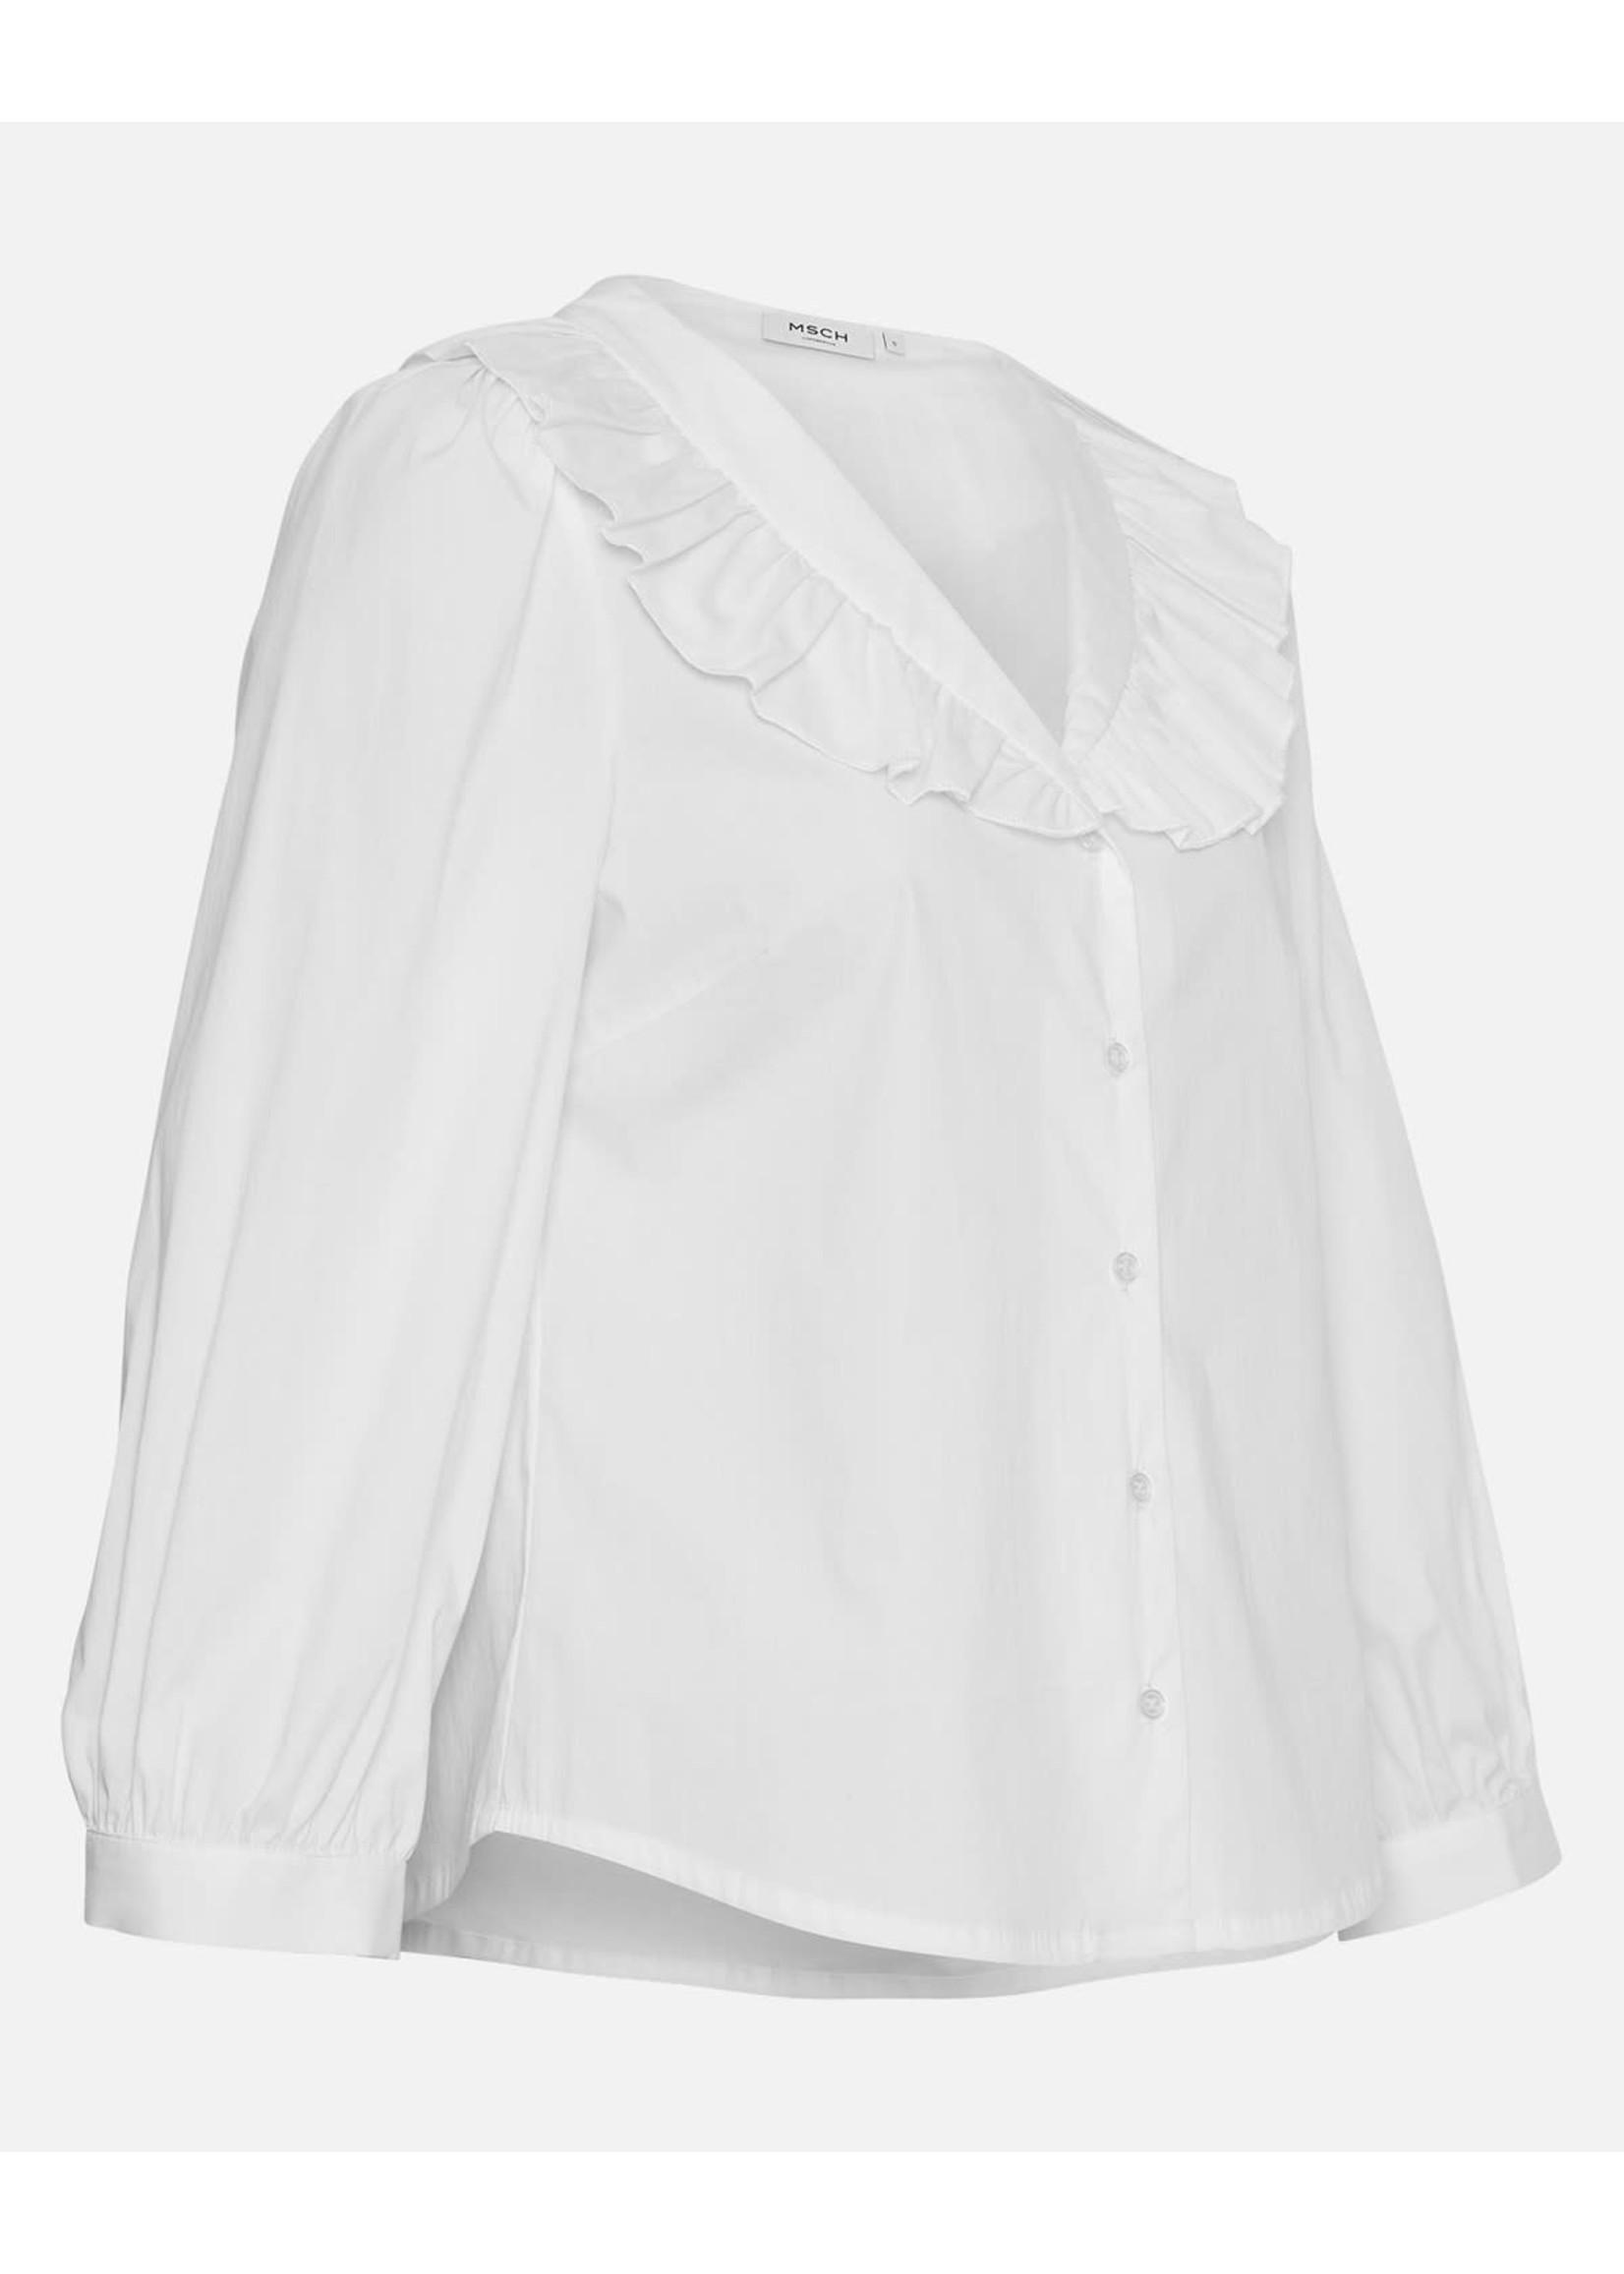 MSCH BRISA AVA 3/4 SHIRT bright white